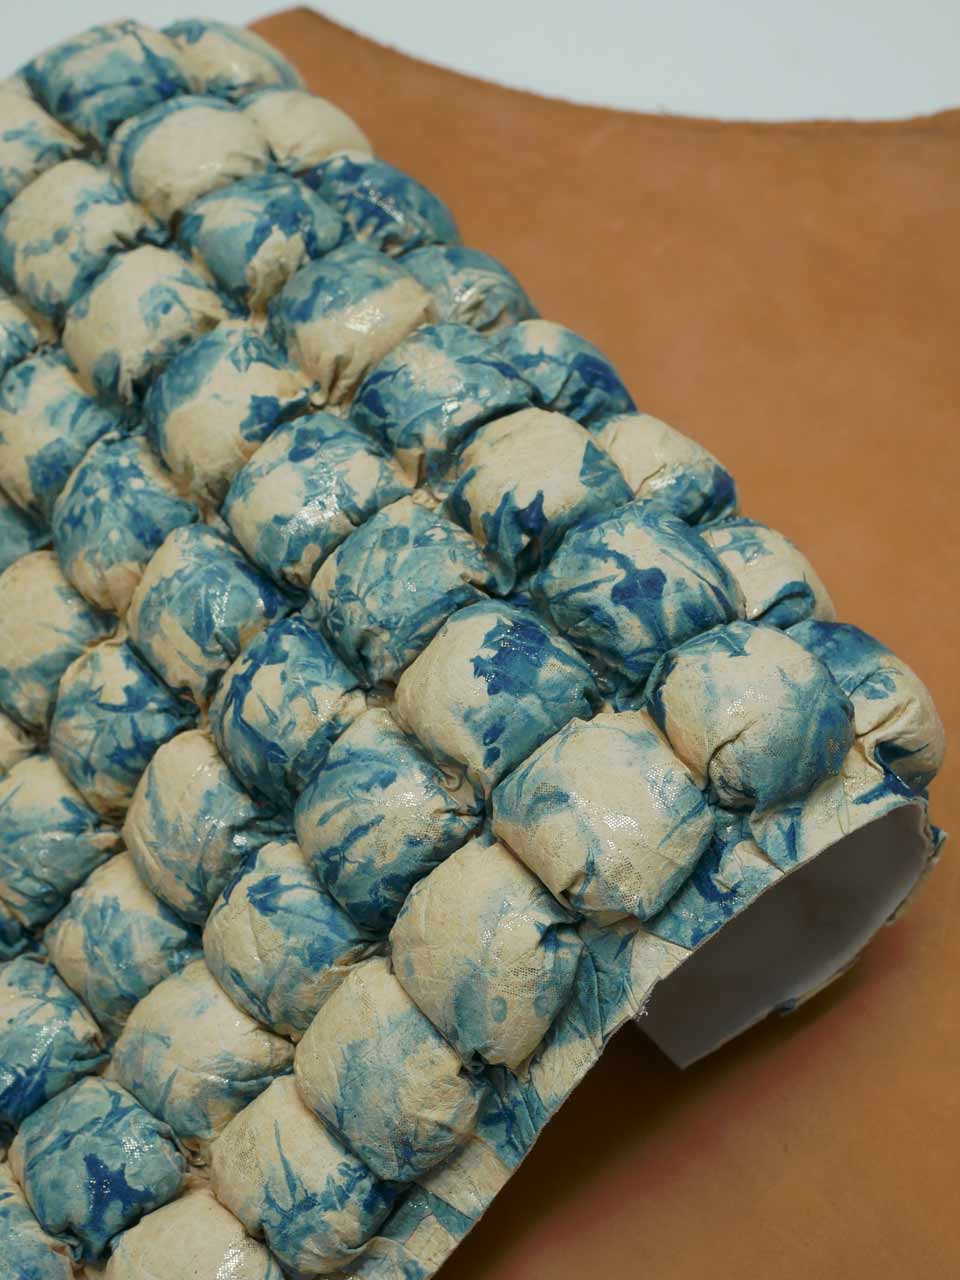 ubuck-indigo-recyclé-kotai-tannerie